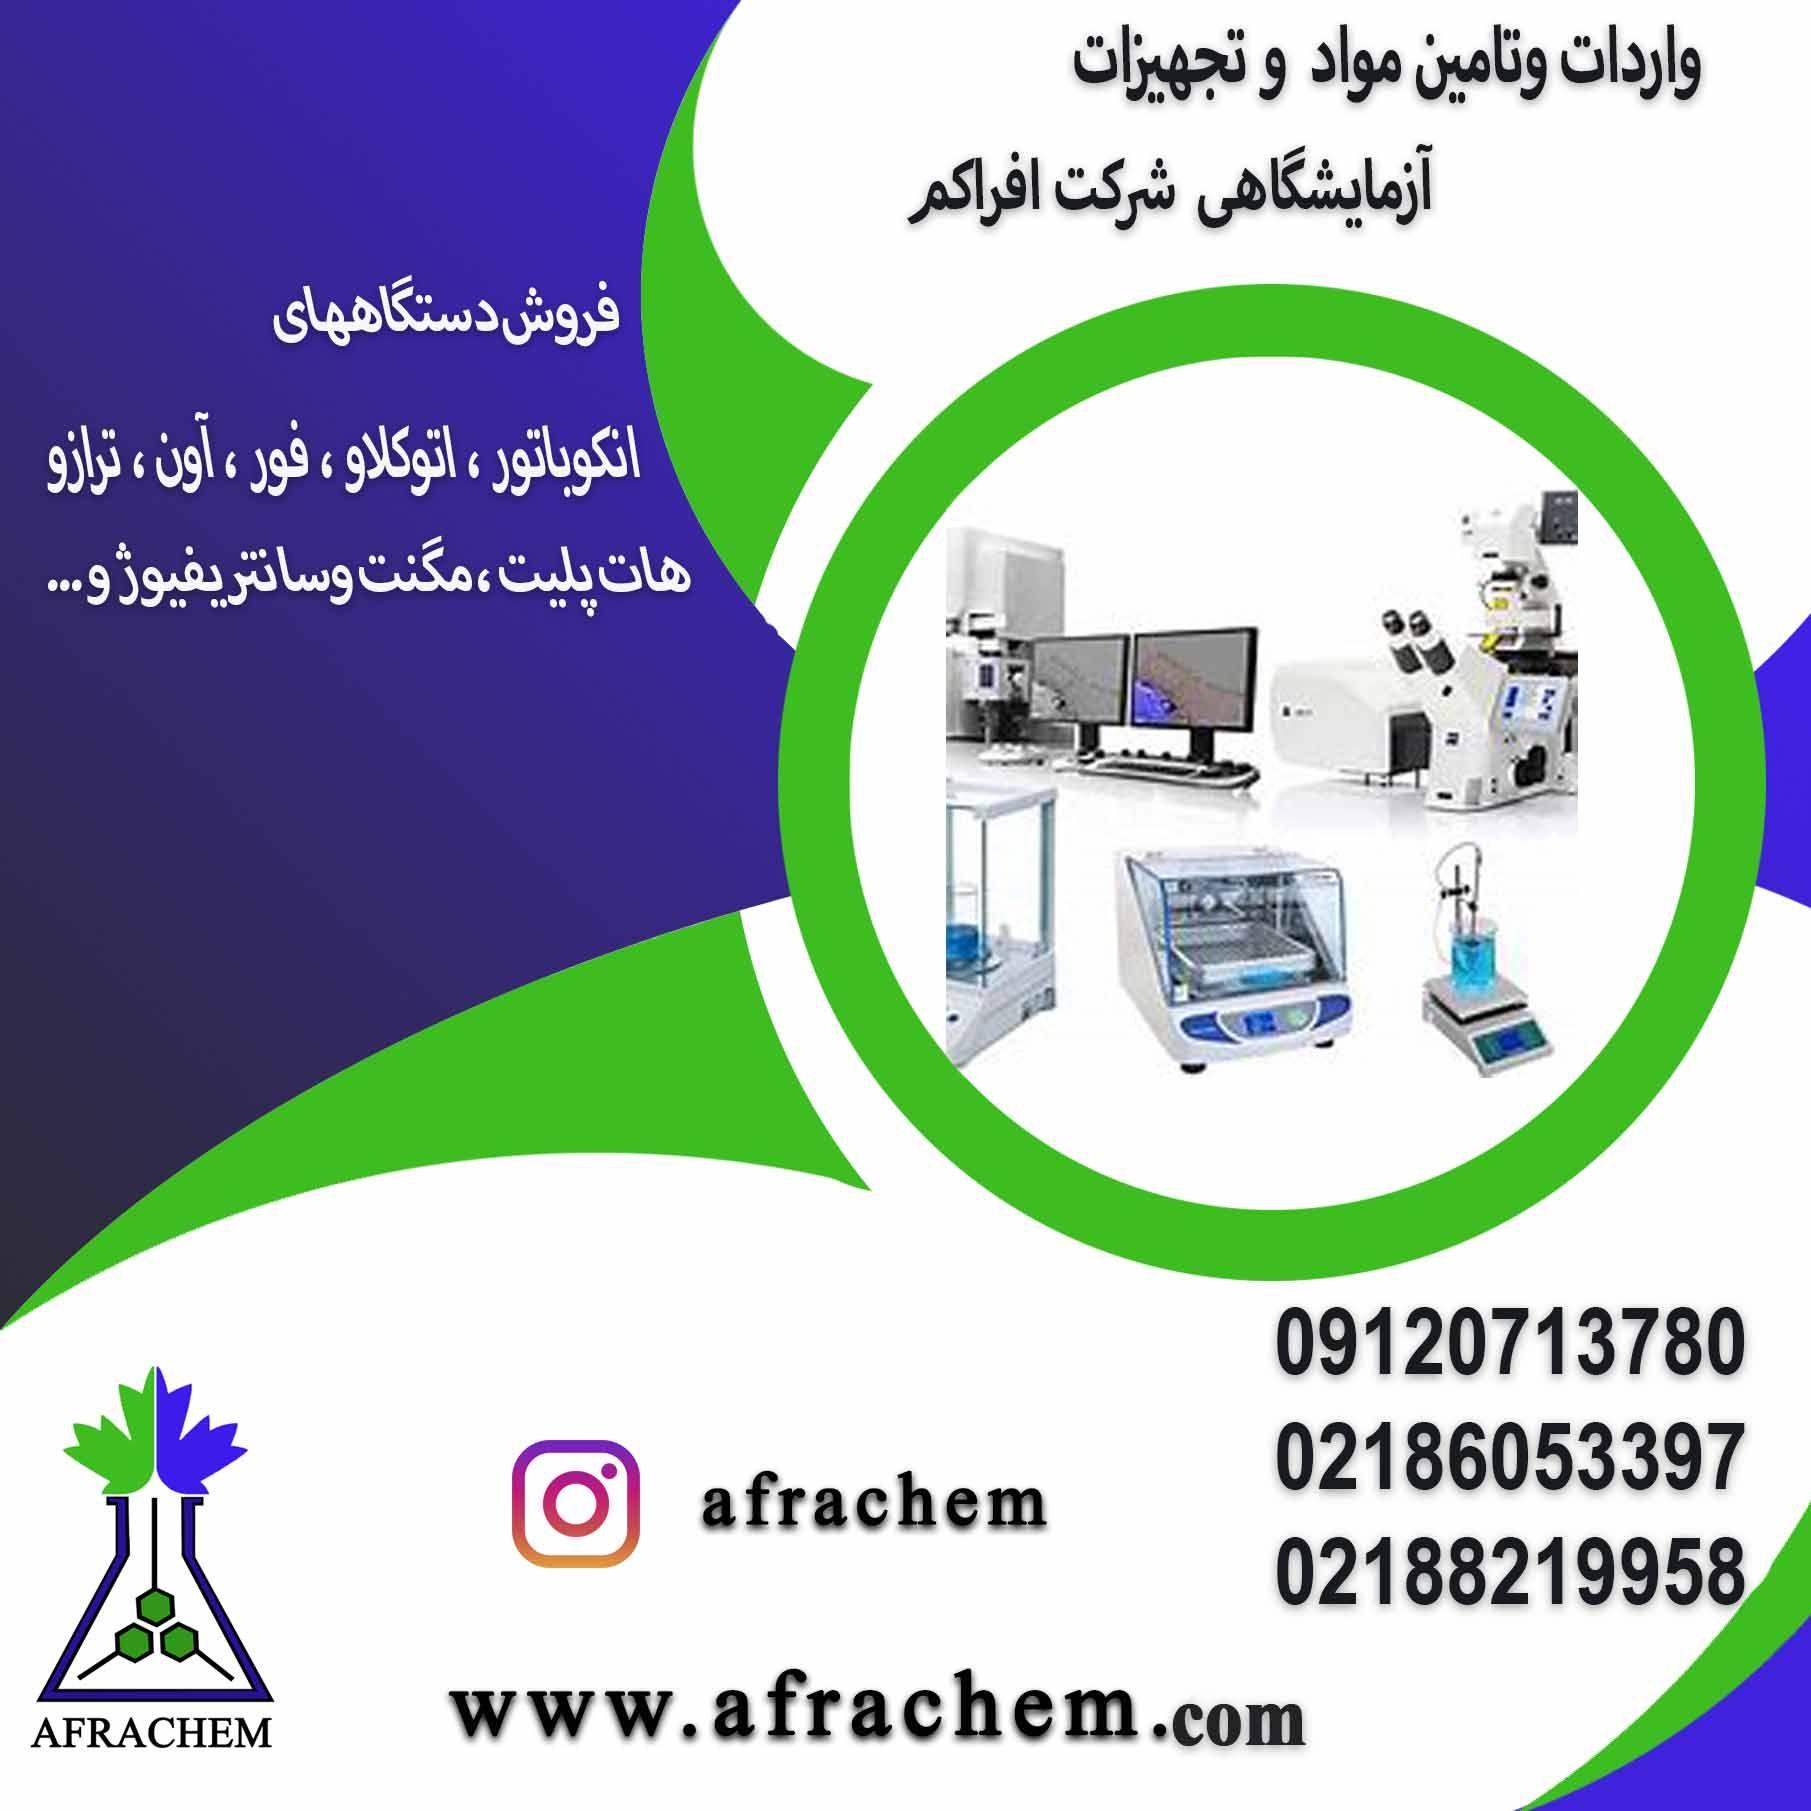 واردات و فروش مواد و تجهیزات آزمایشگاهی